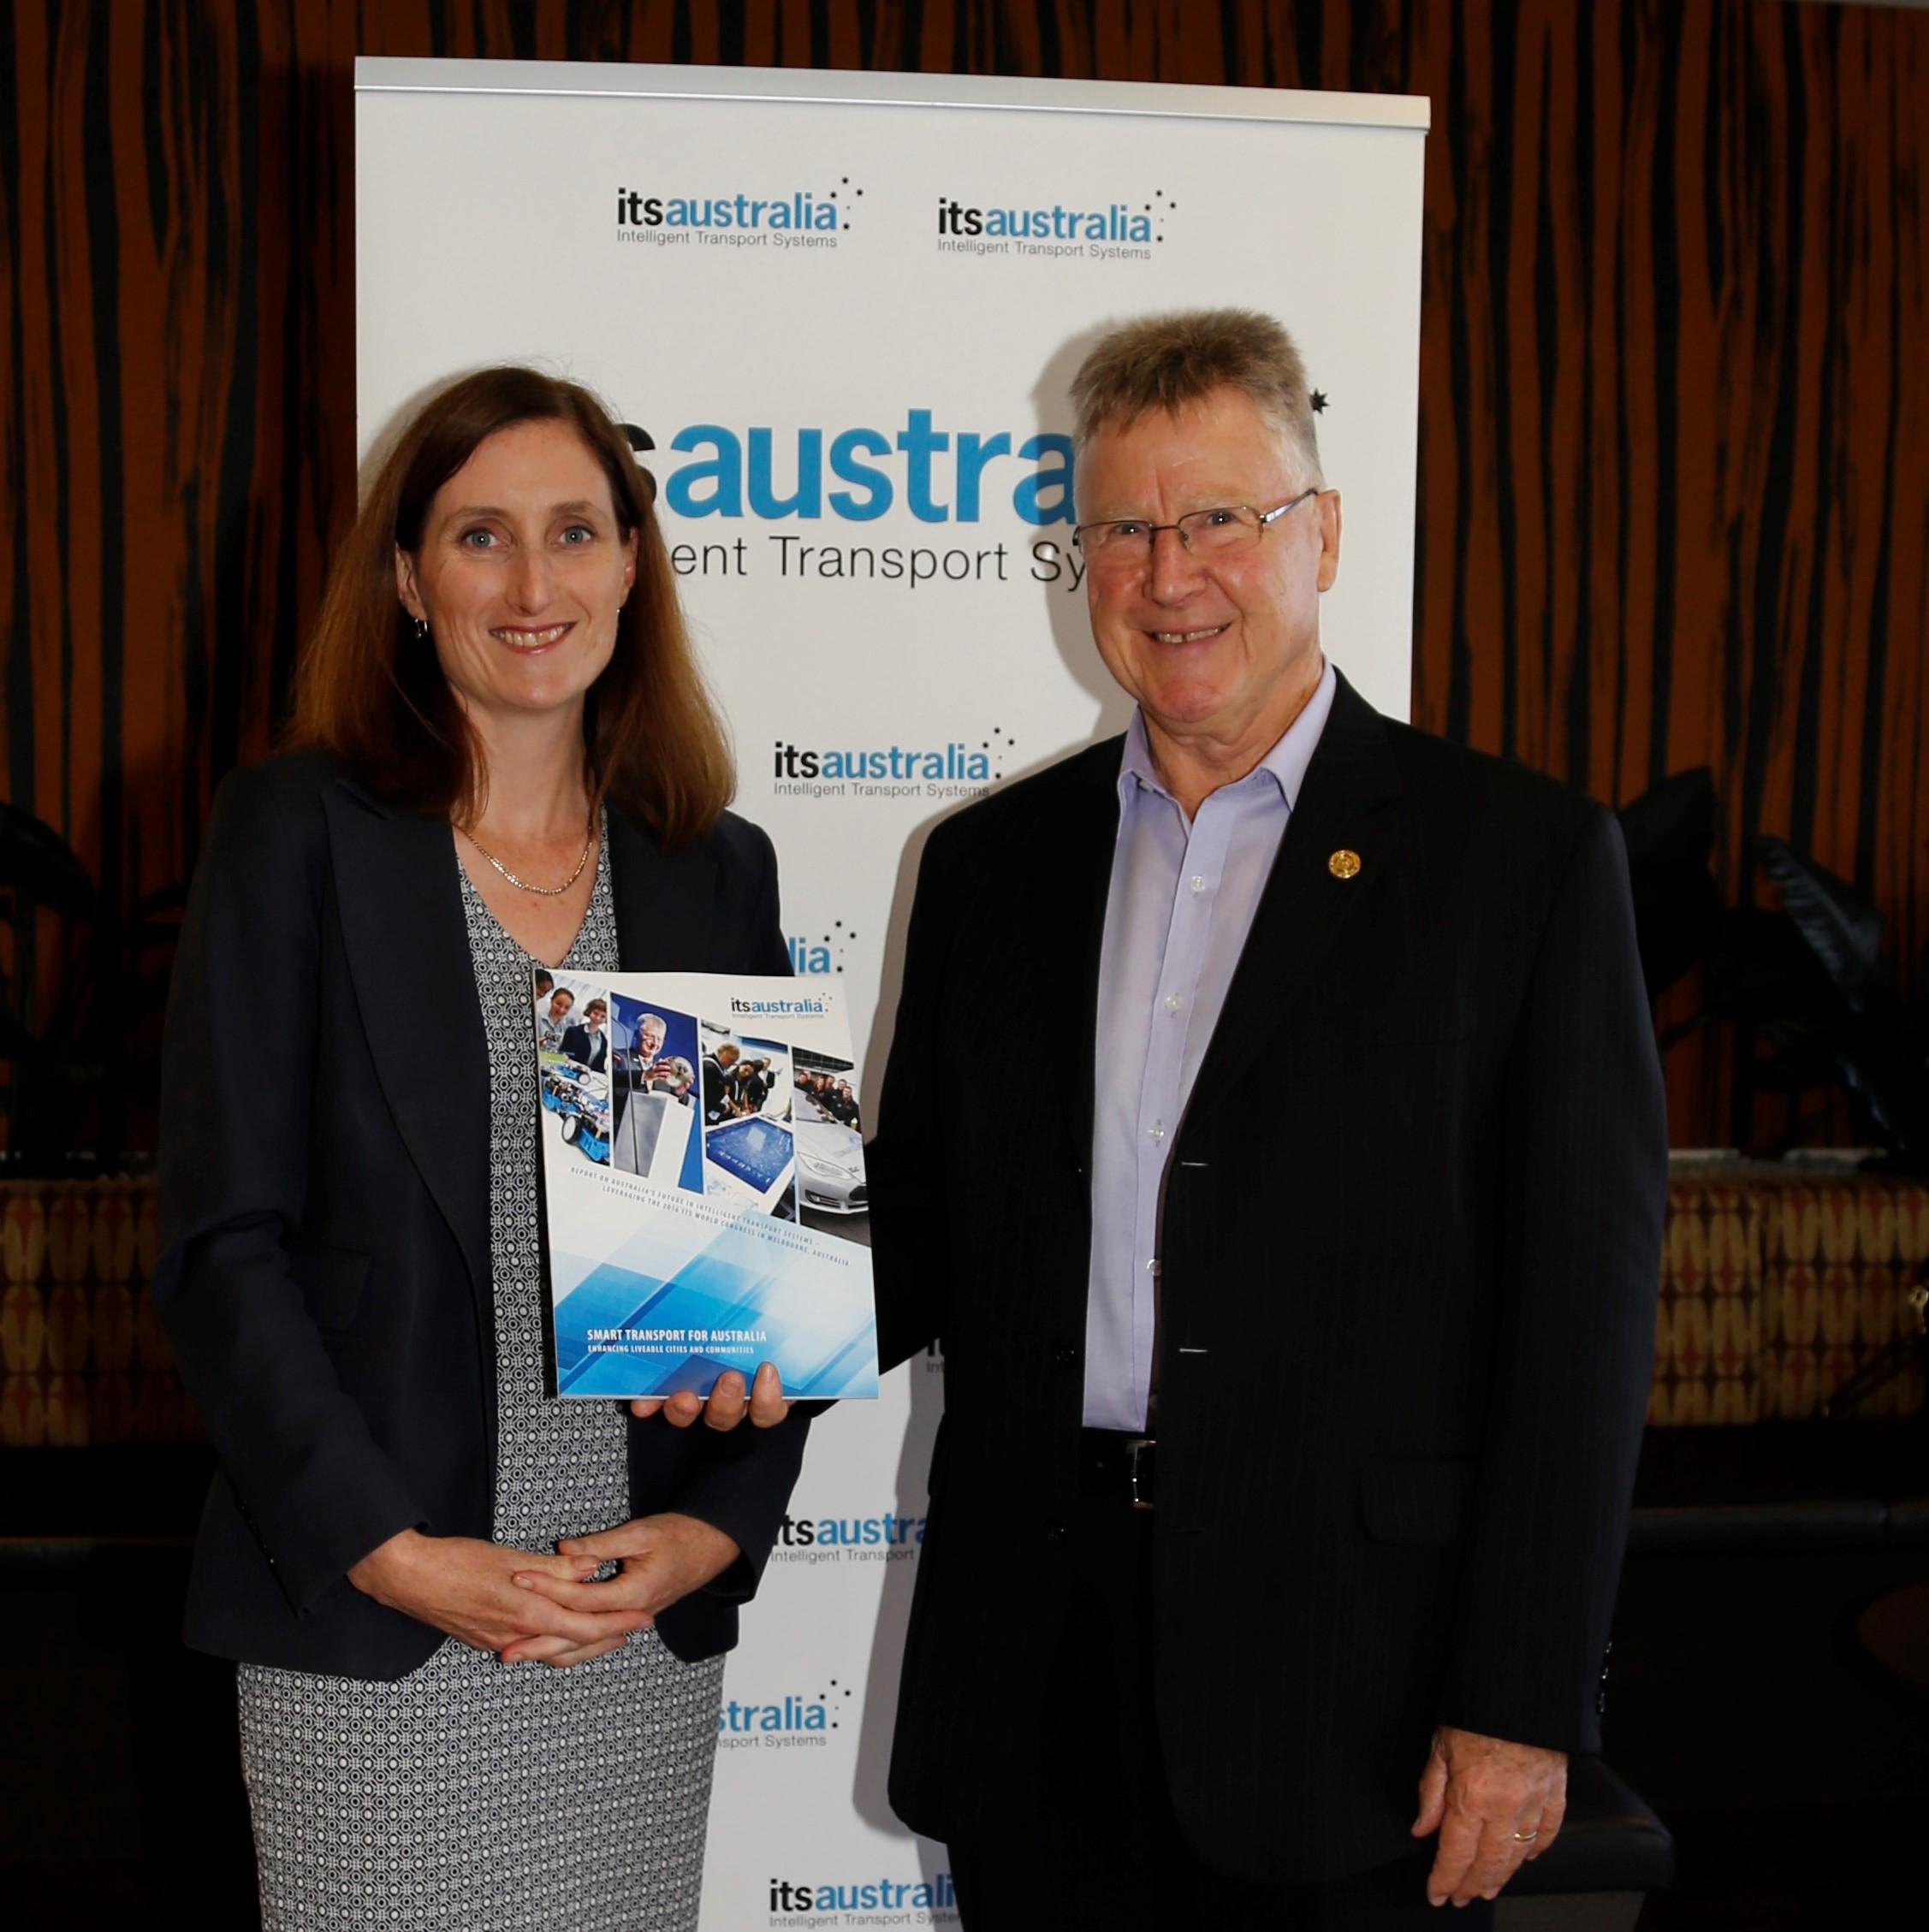 Smart Transport for Australia – identifying opportunities for Australia's transport technology industry